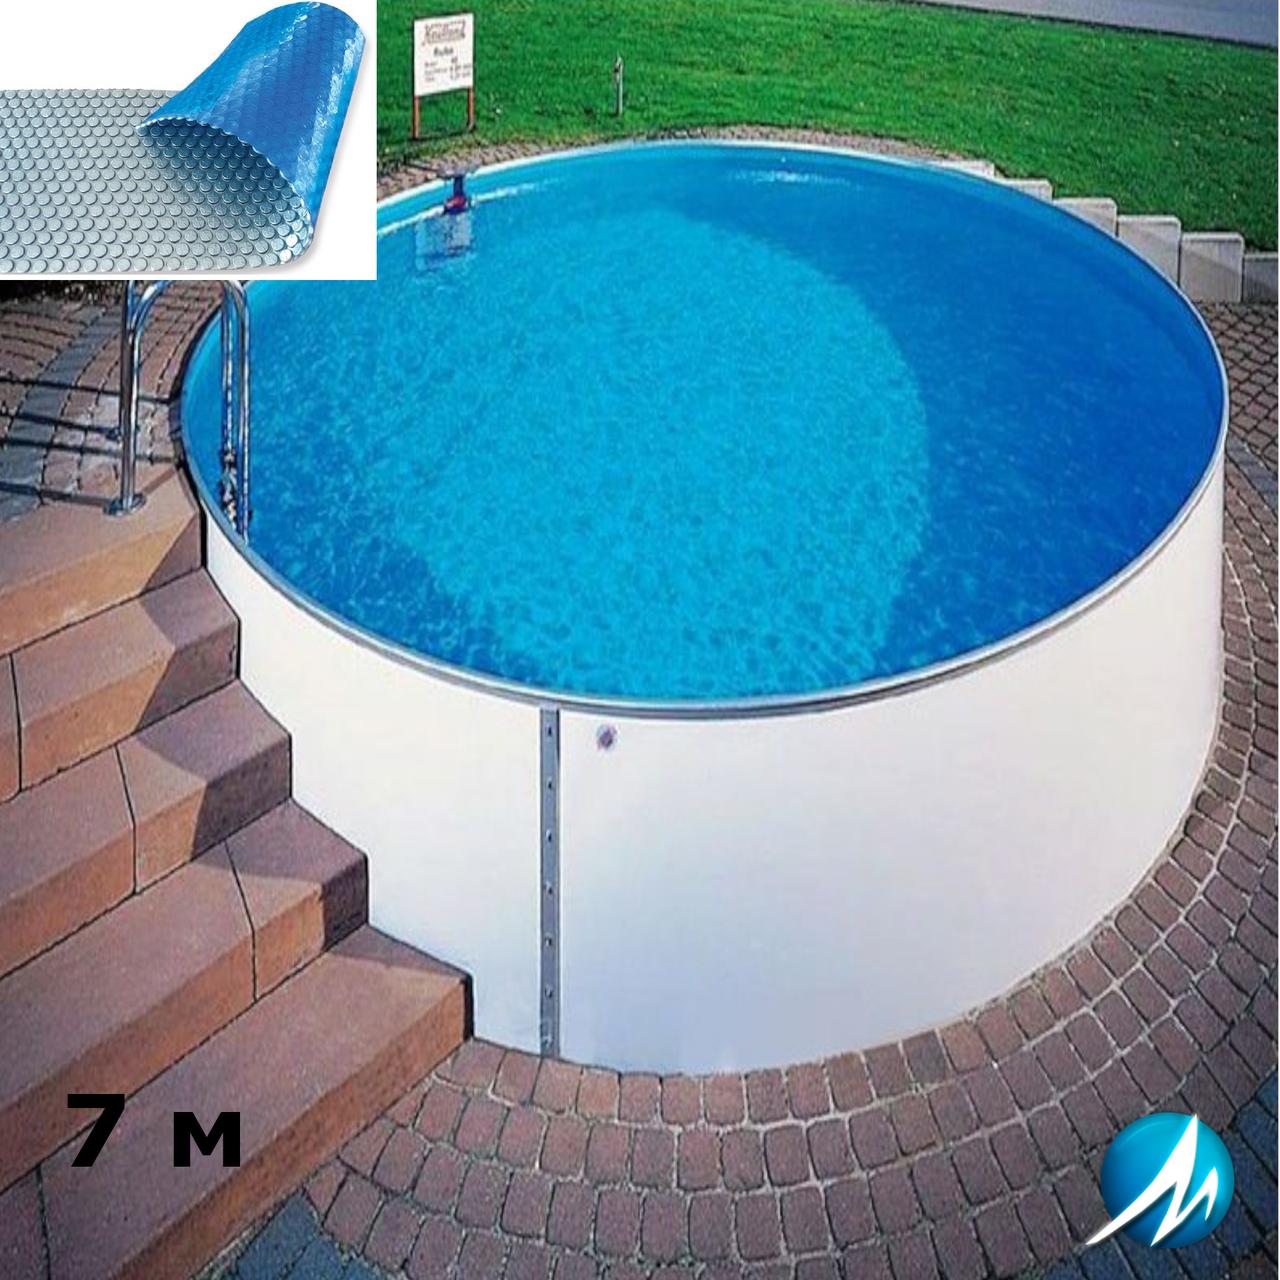 Солярное накрытие для сборного круглого бассейна 7 м